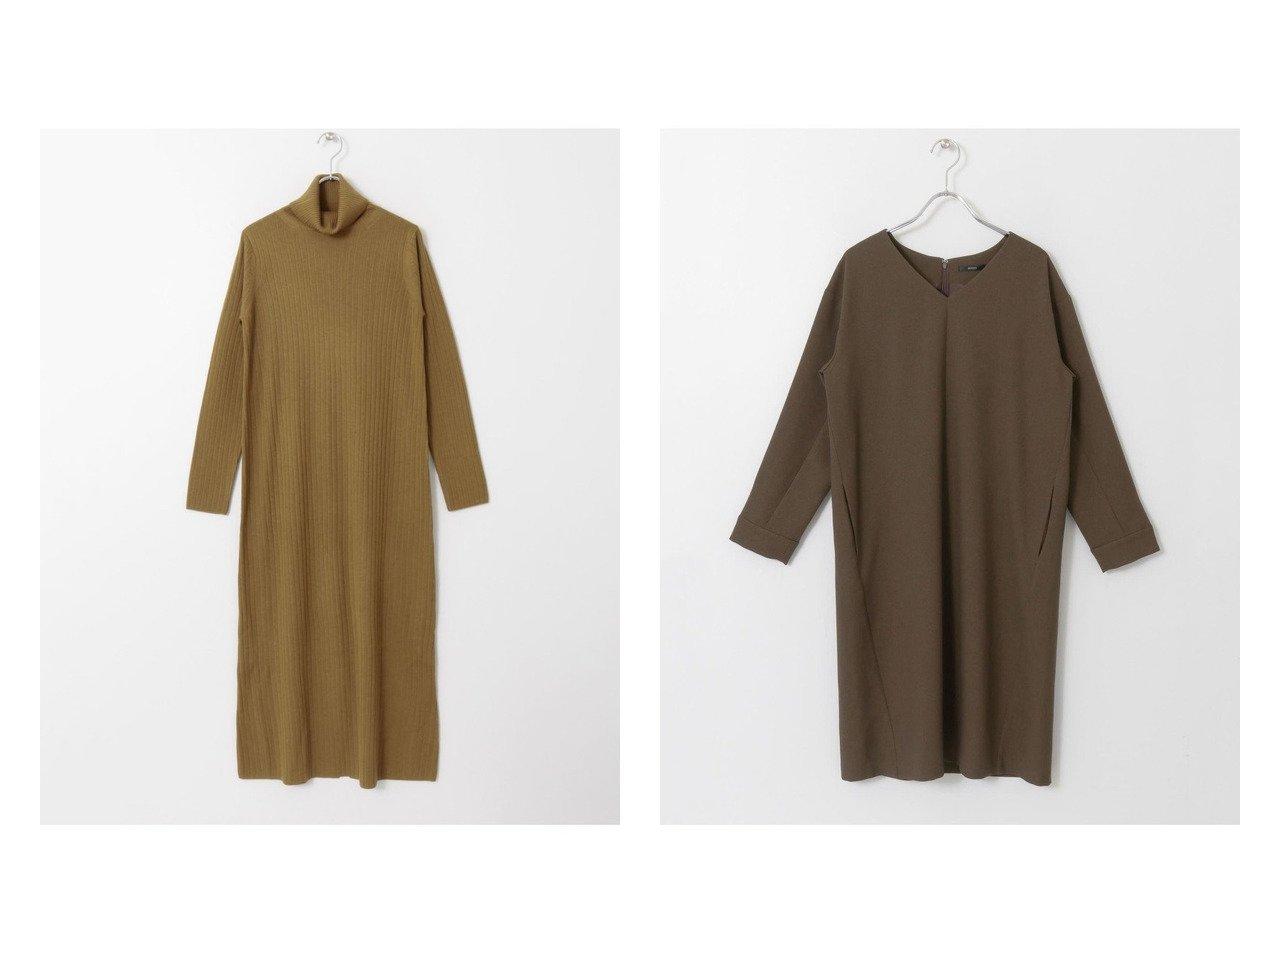 【URBAN RESEARCH ROSSO/アーバンリサーチ ロッソ】のリブタートルマキシワンピース&Aラインワンピース ワンピース・ドレスのおすすめ!人気、トレンド・レディースファッションの通販  おすすめで人気の流行・トレンド、ファッションの通販商品 メンズファッション・キッズファッション・インテリア・家具・レディースファッション・服の通販 founy(ファニー) https://founy.com/ ファッション Fashion レディースファッション WOMEN ワンピース Dress マキシワンピース Maxi Dress Aラインワンピース A-line Dress NEW・新作・新着・新入荷 New Arrivals ベスト ポケット マキシ 今季 |ID:crp329100000010105